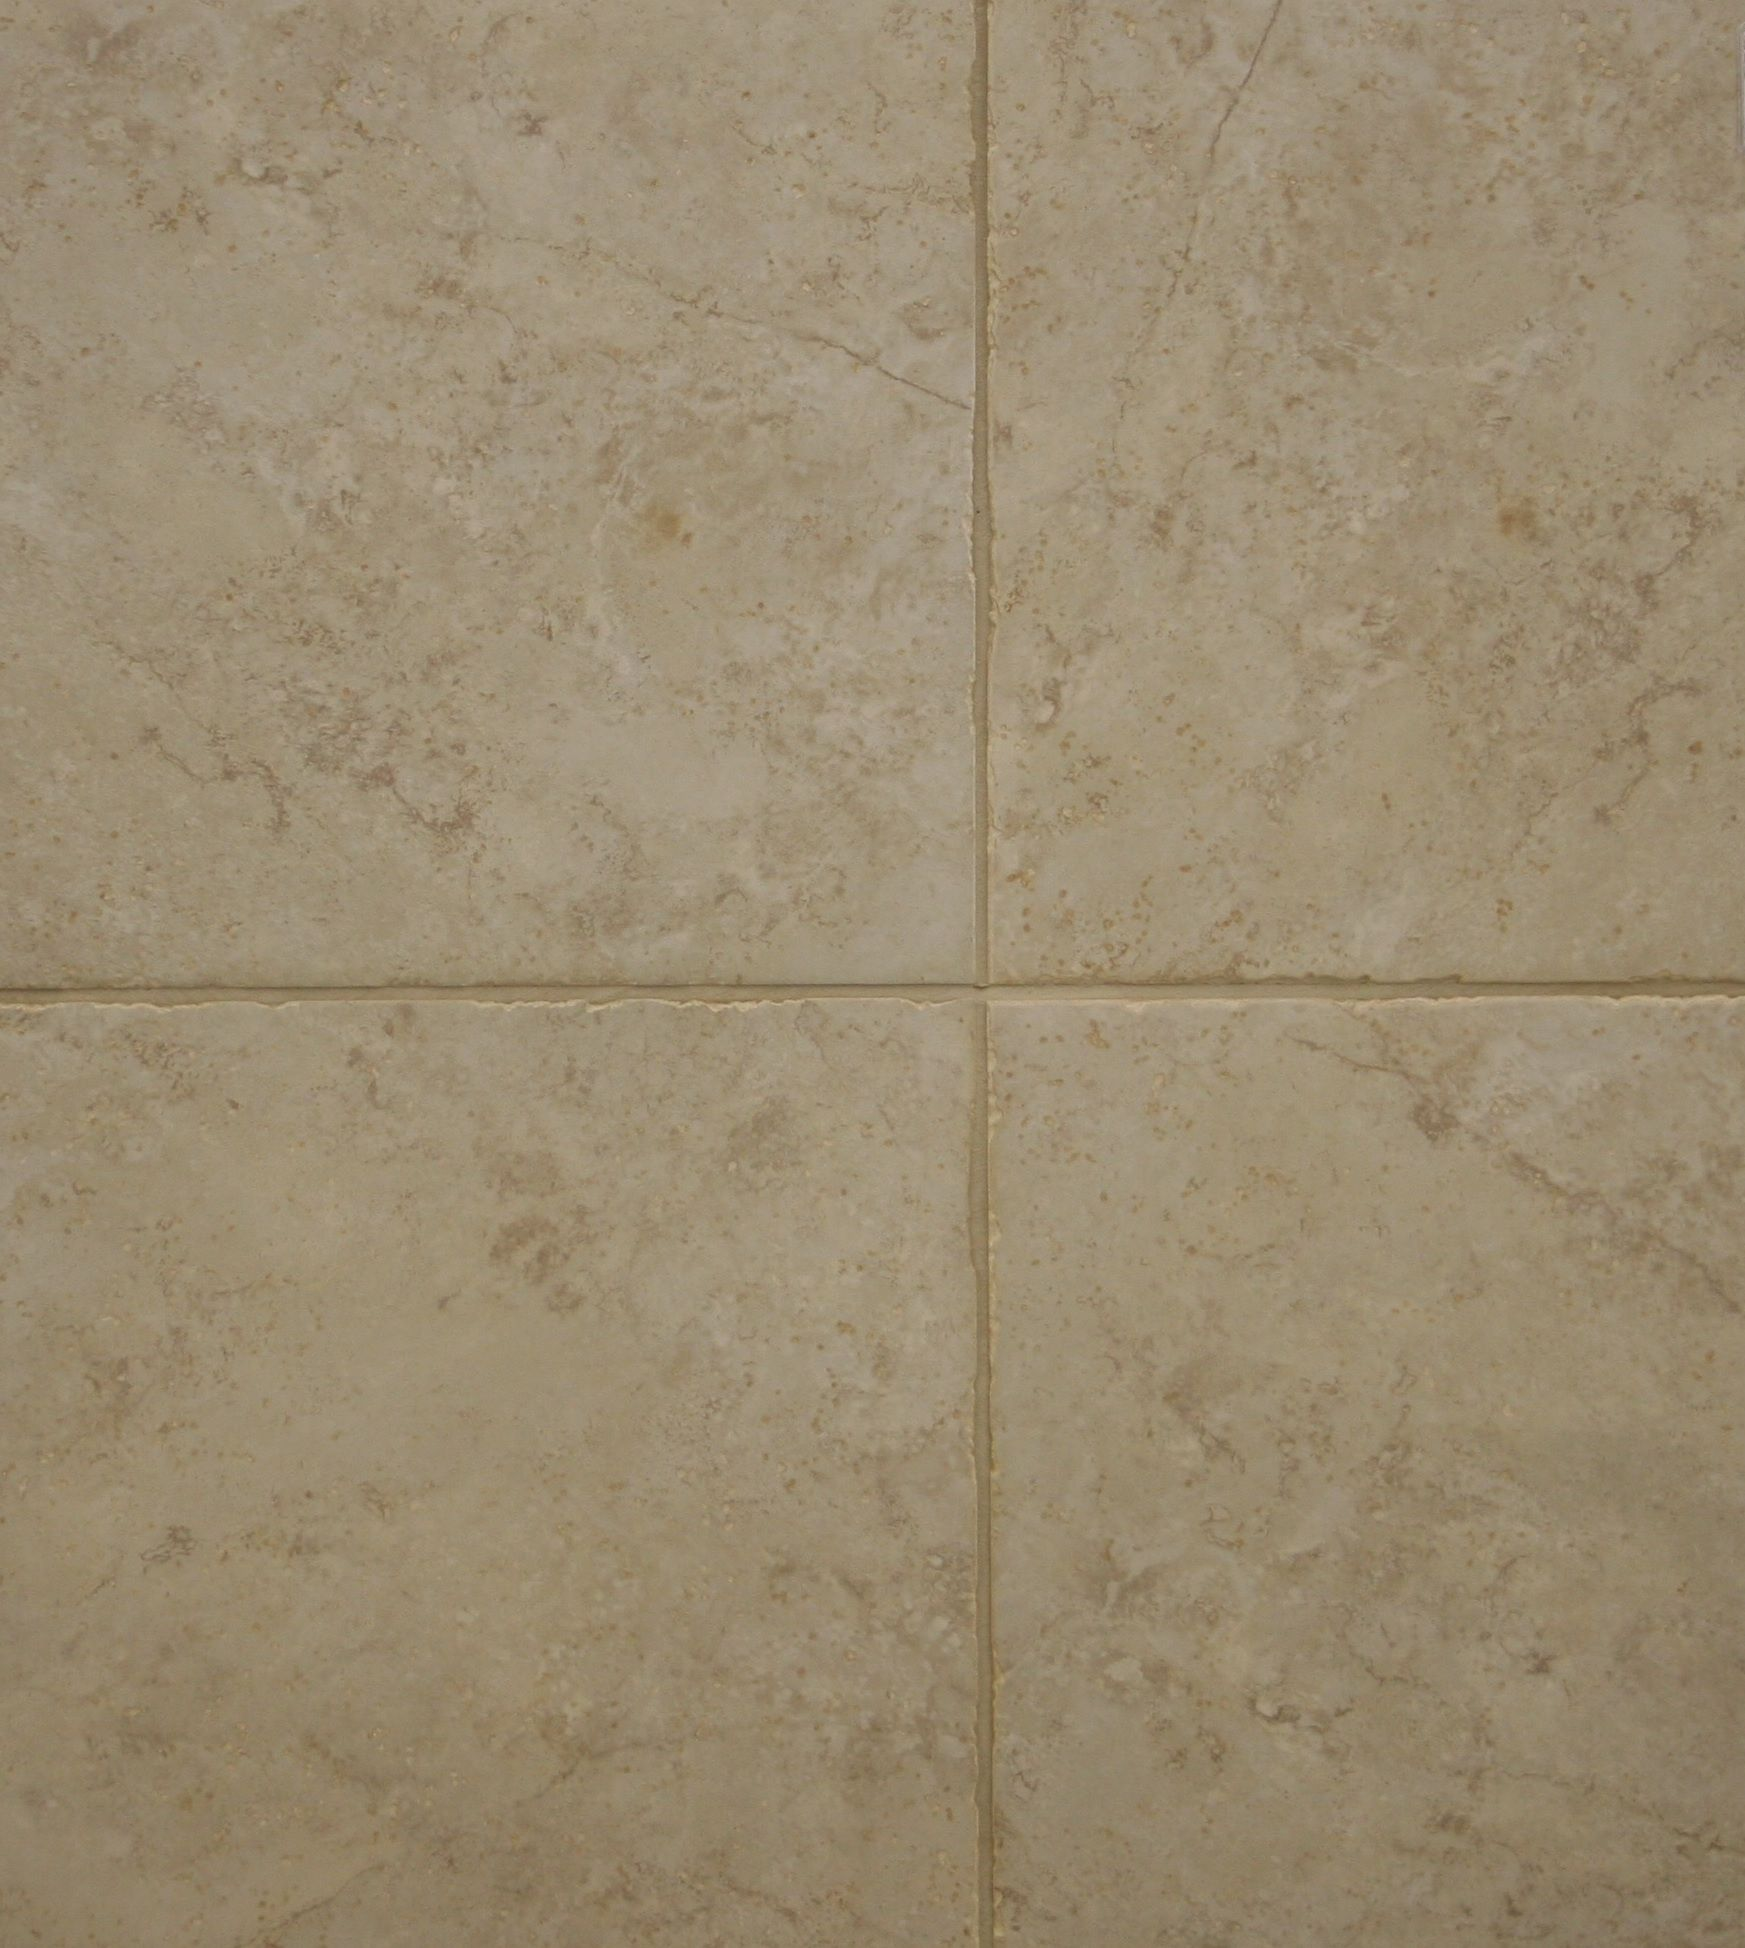 16x16 porcelain floor tile pamesa newport beige 18x18 flooring 16x16 porcelain floor tile pamesa newport beige 18x18 dailygadgetfo Gallery